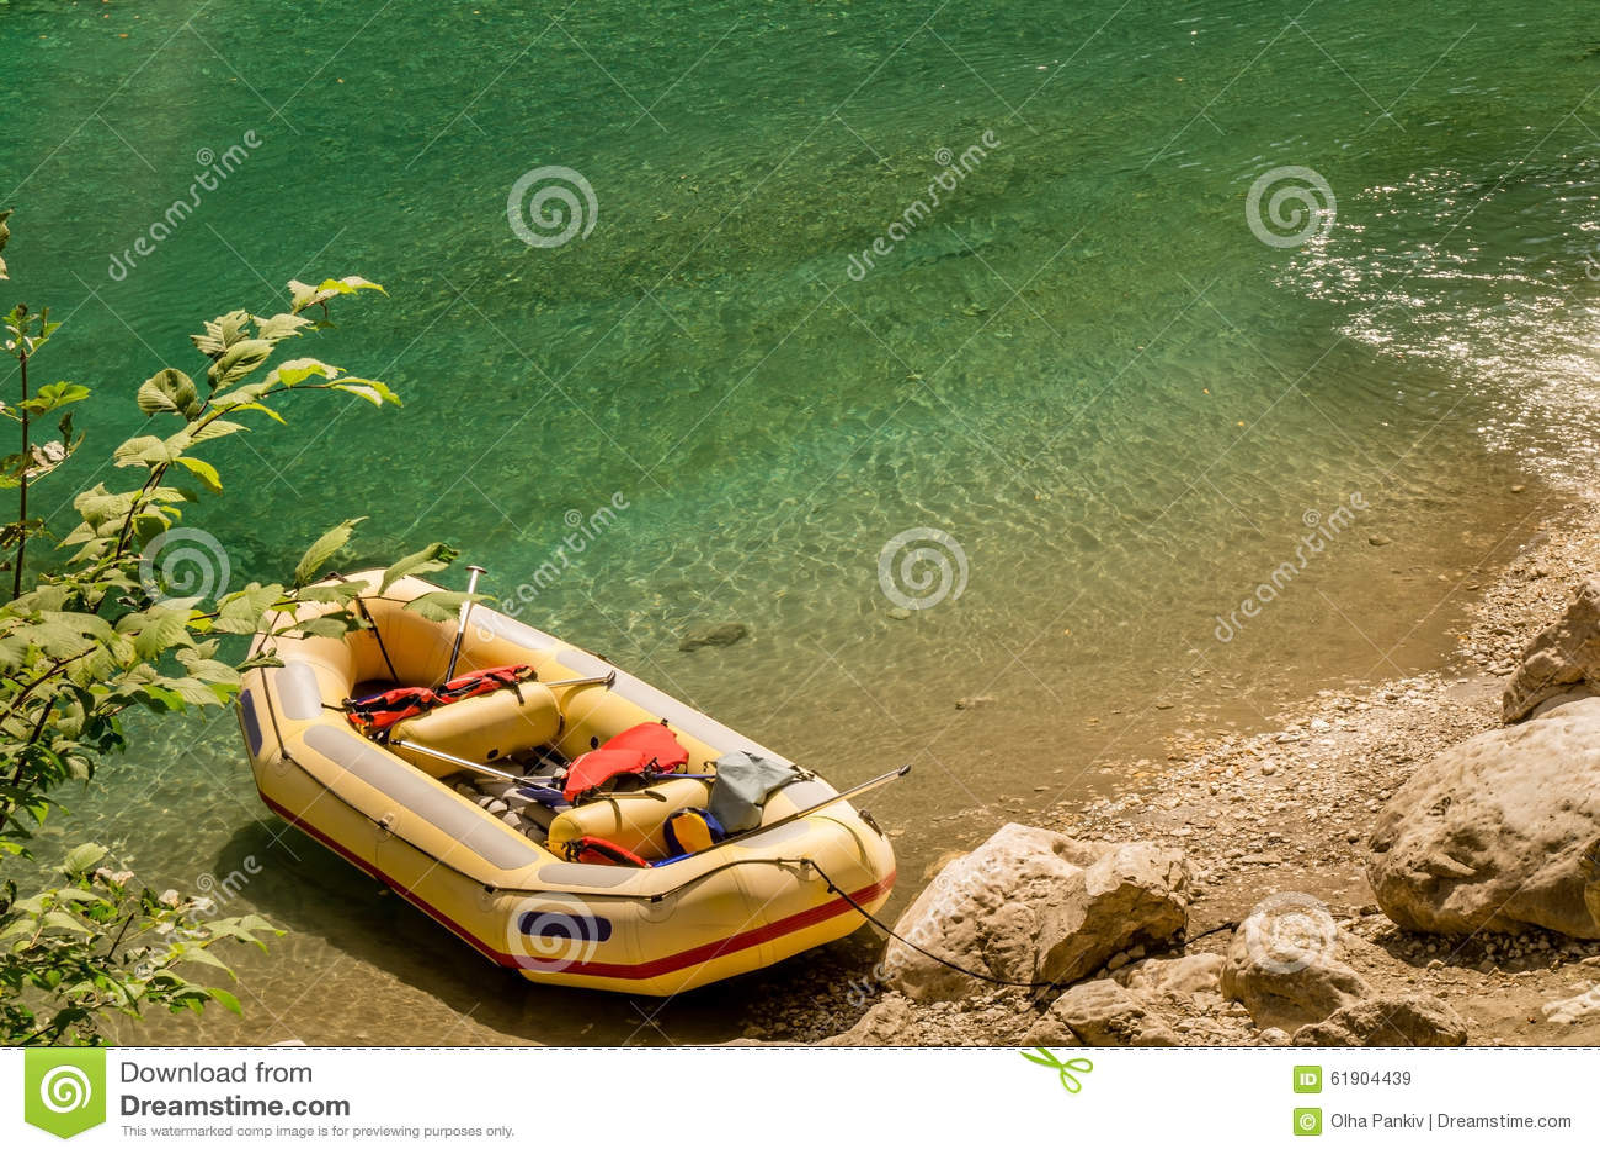 Radeau jaune sur une rive